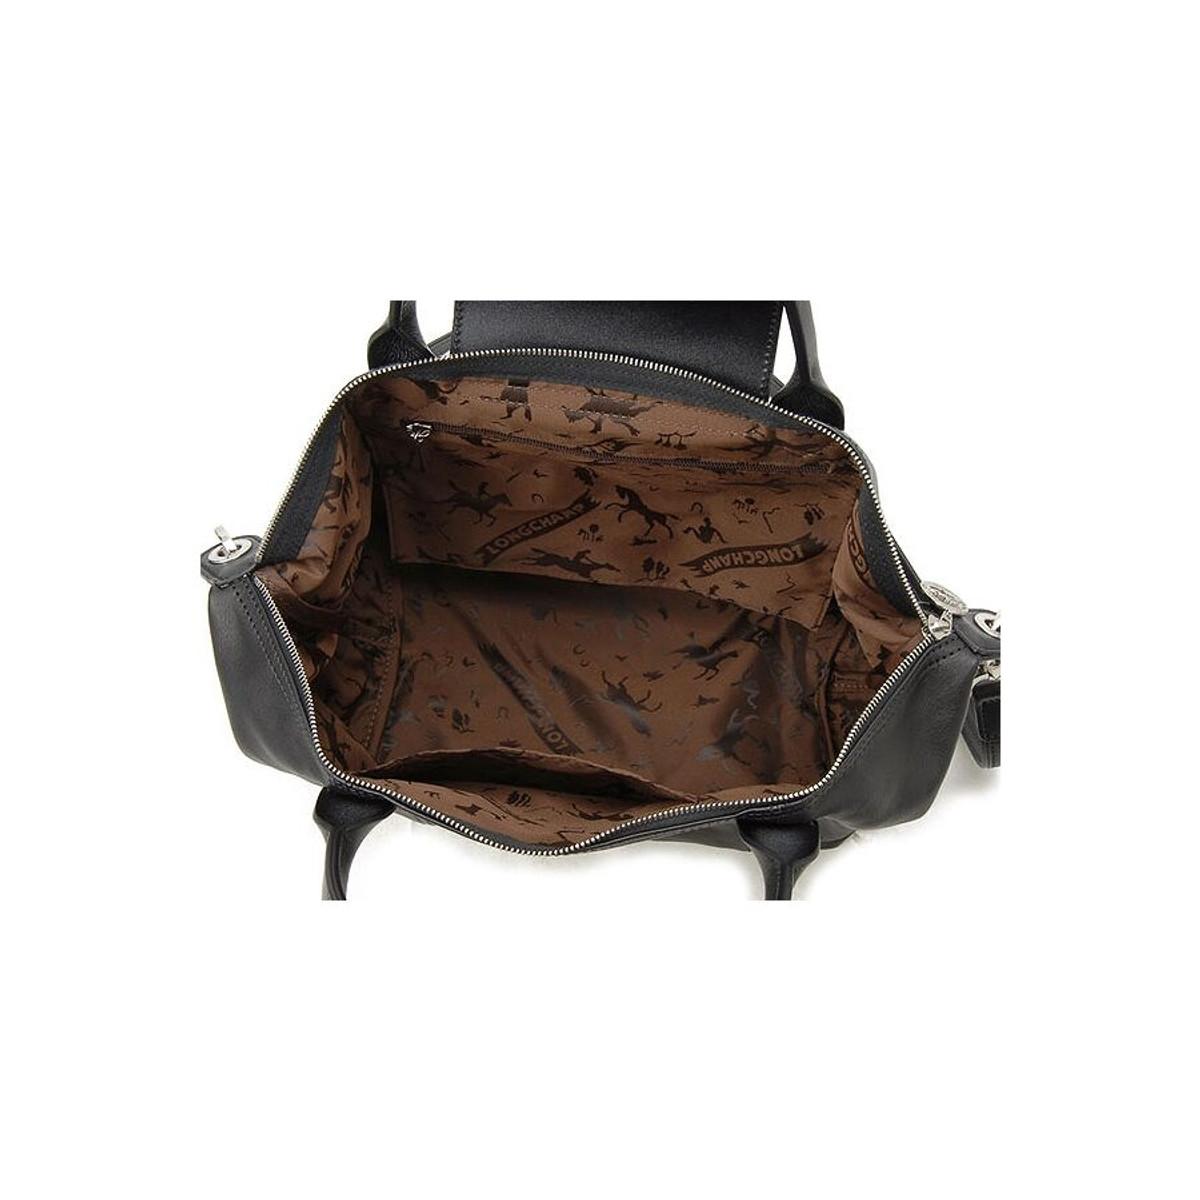 Small Le Pliage Cuir Top Handle - 1512737